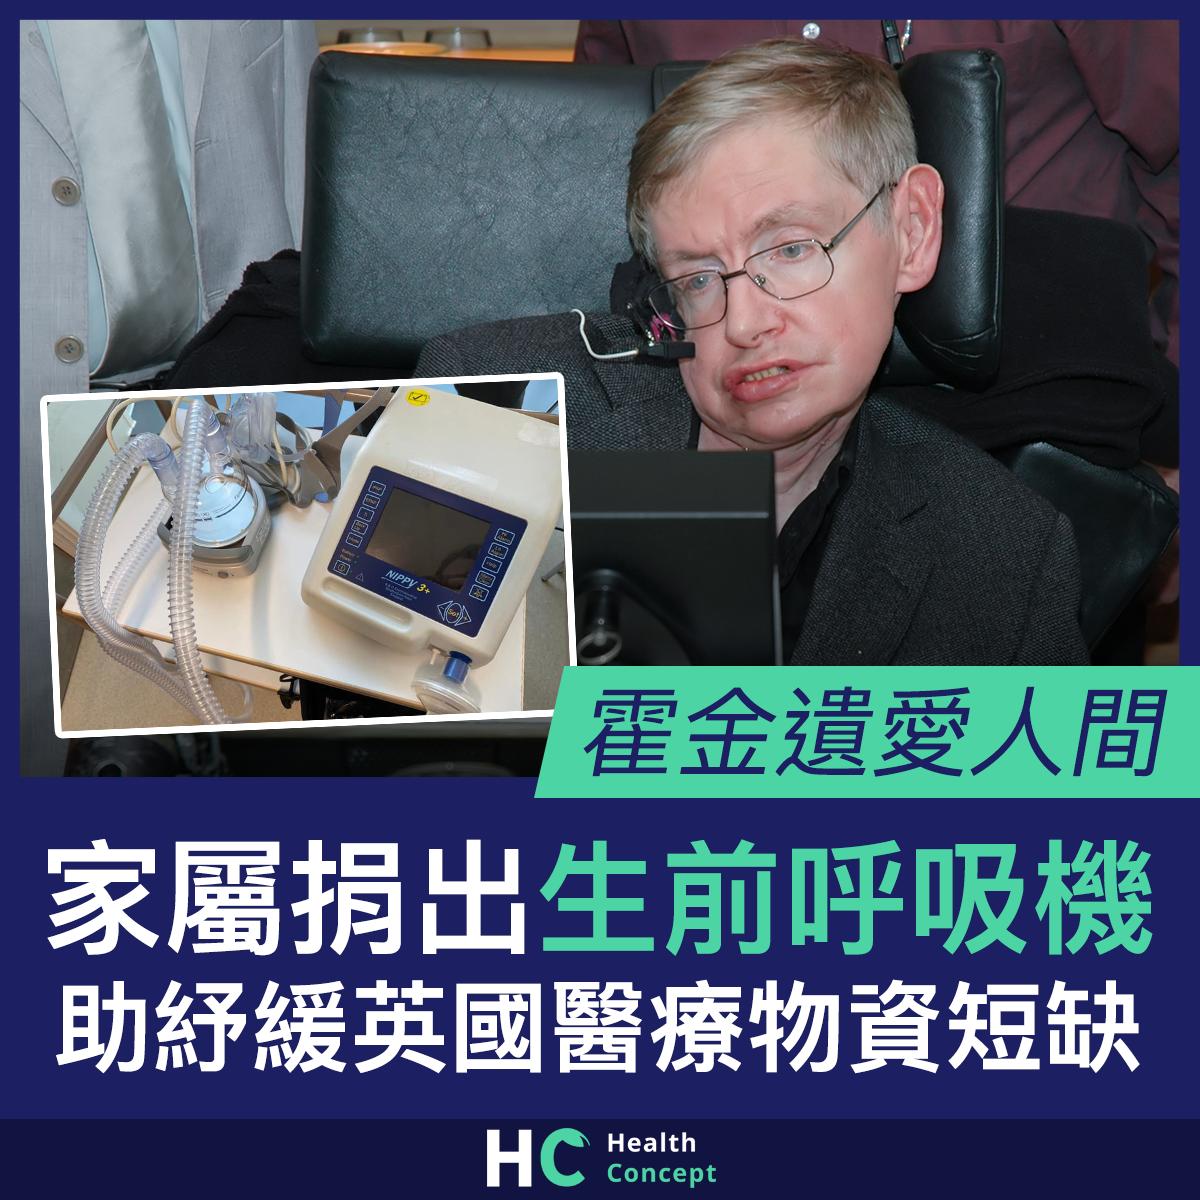 【#武漢肺炎】霍金家屬捐出生前呼吸機 助紓緩英國醫療物資短缺